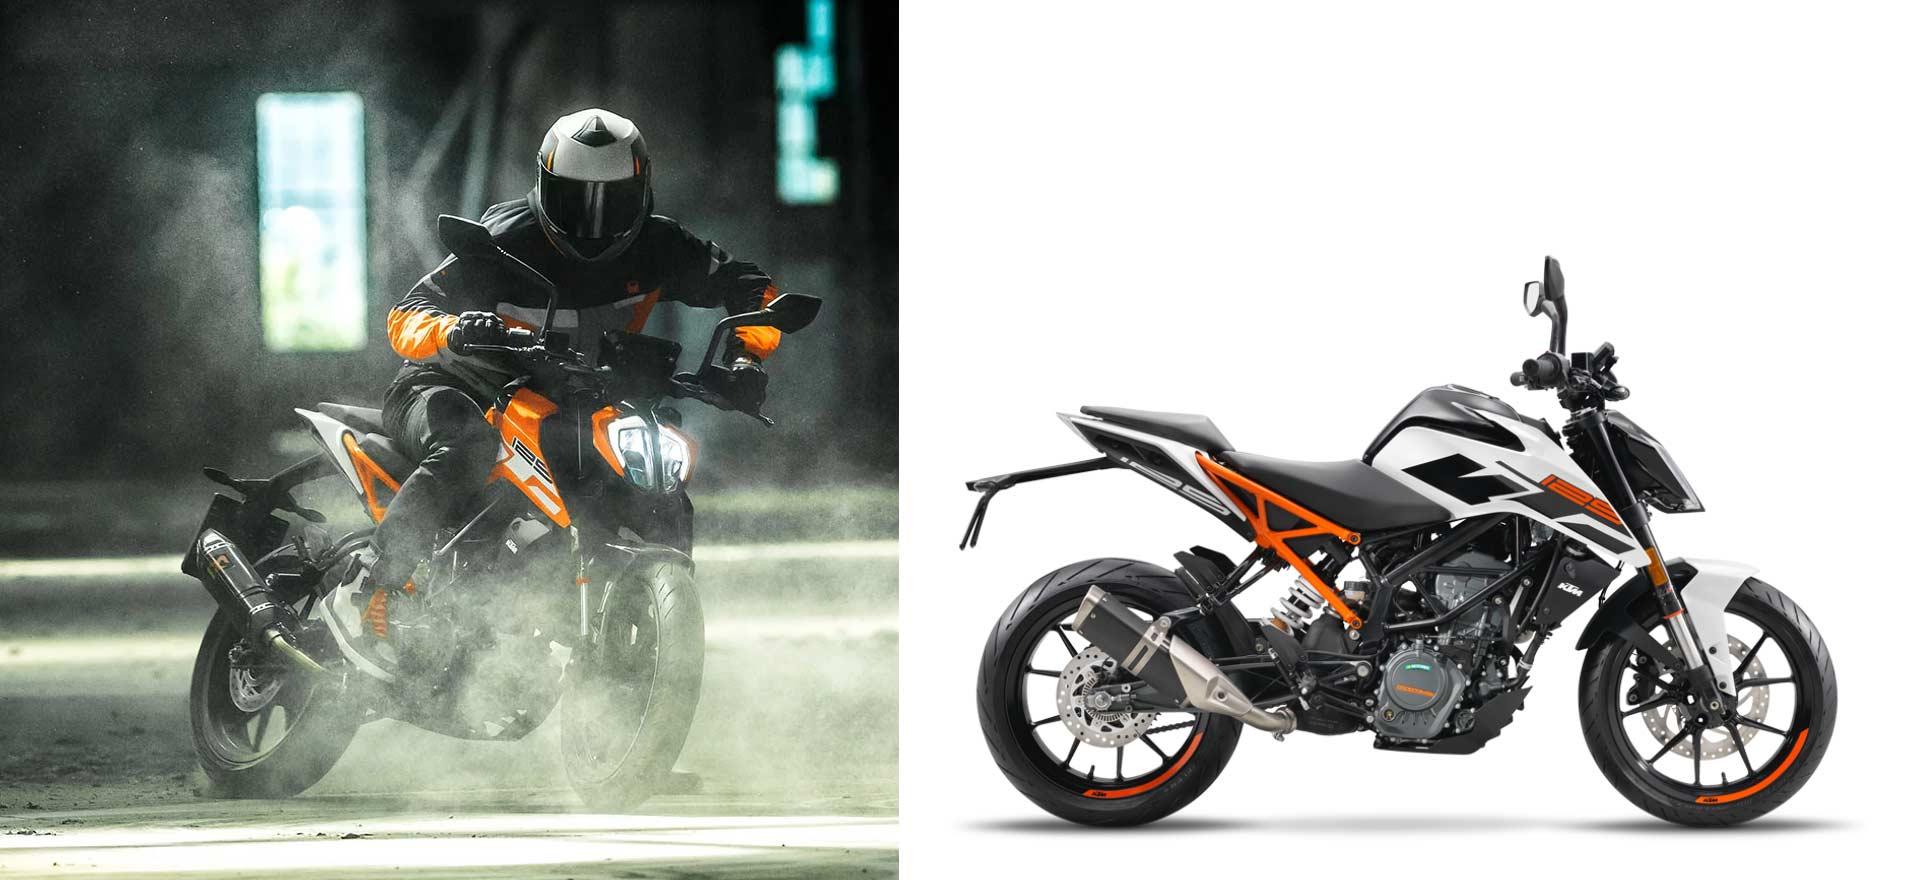 2019-KTM-125-Duke